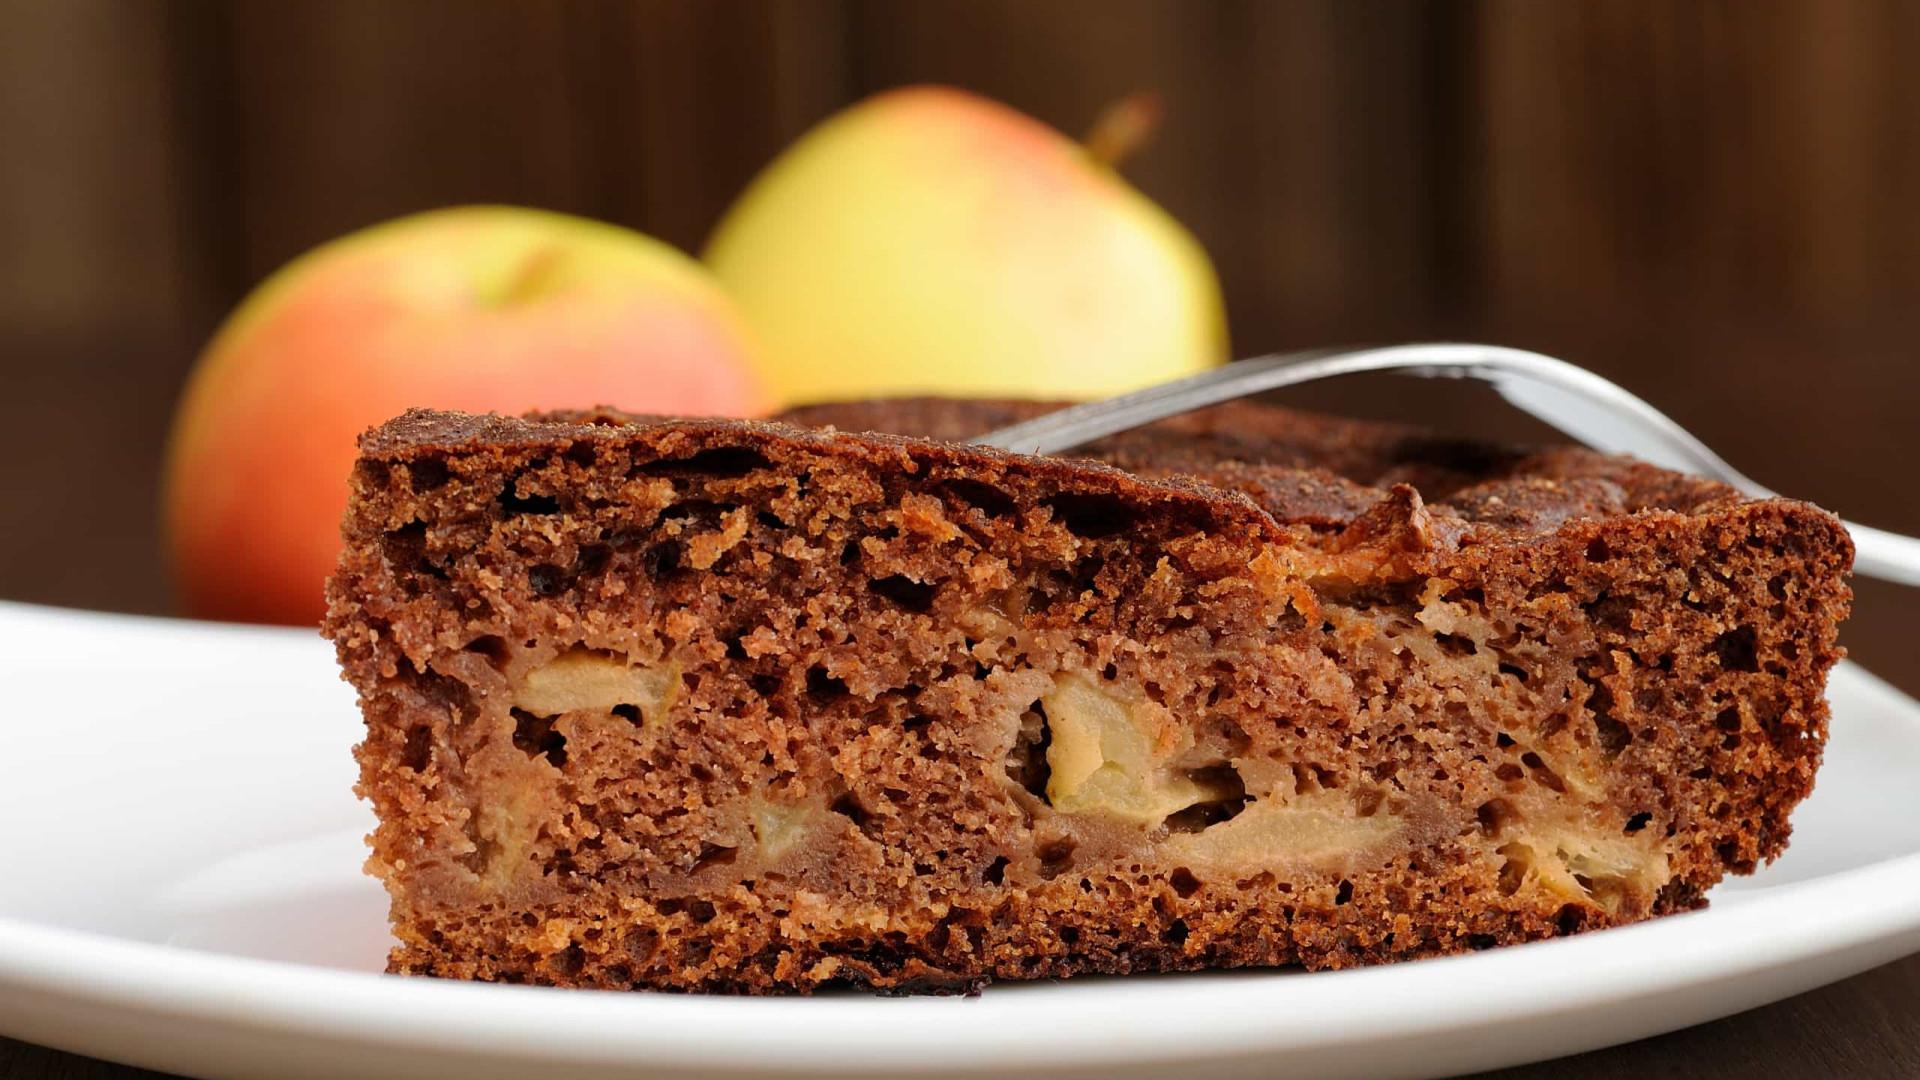 Alerta guloso! Receita de bolo fofo de maçã e chocolate